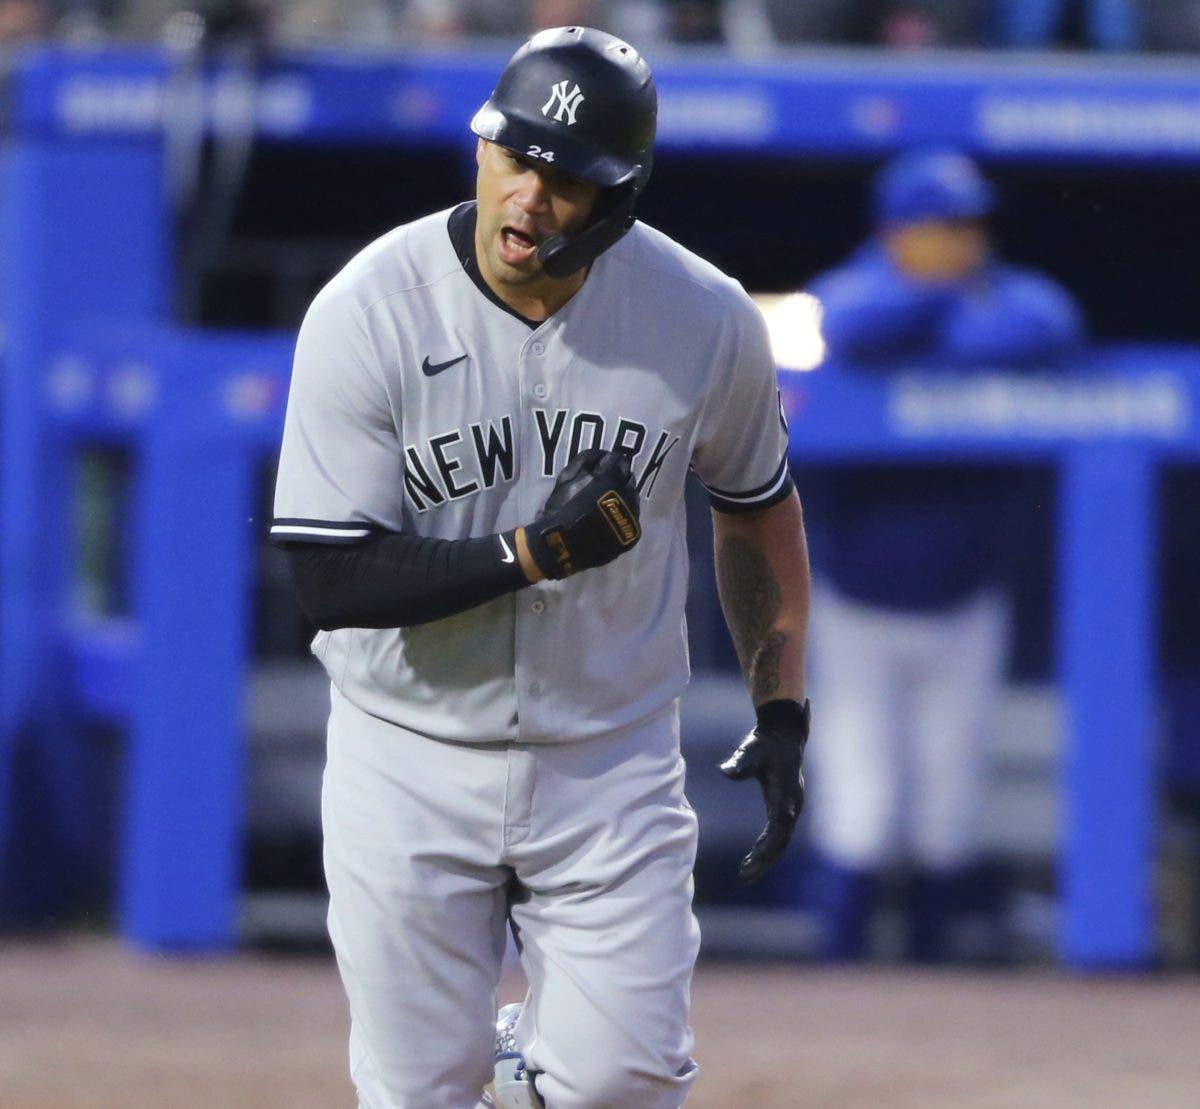 ¡Revive su bate! Gary Sánchez rescata a los Yankees